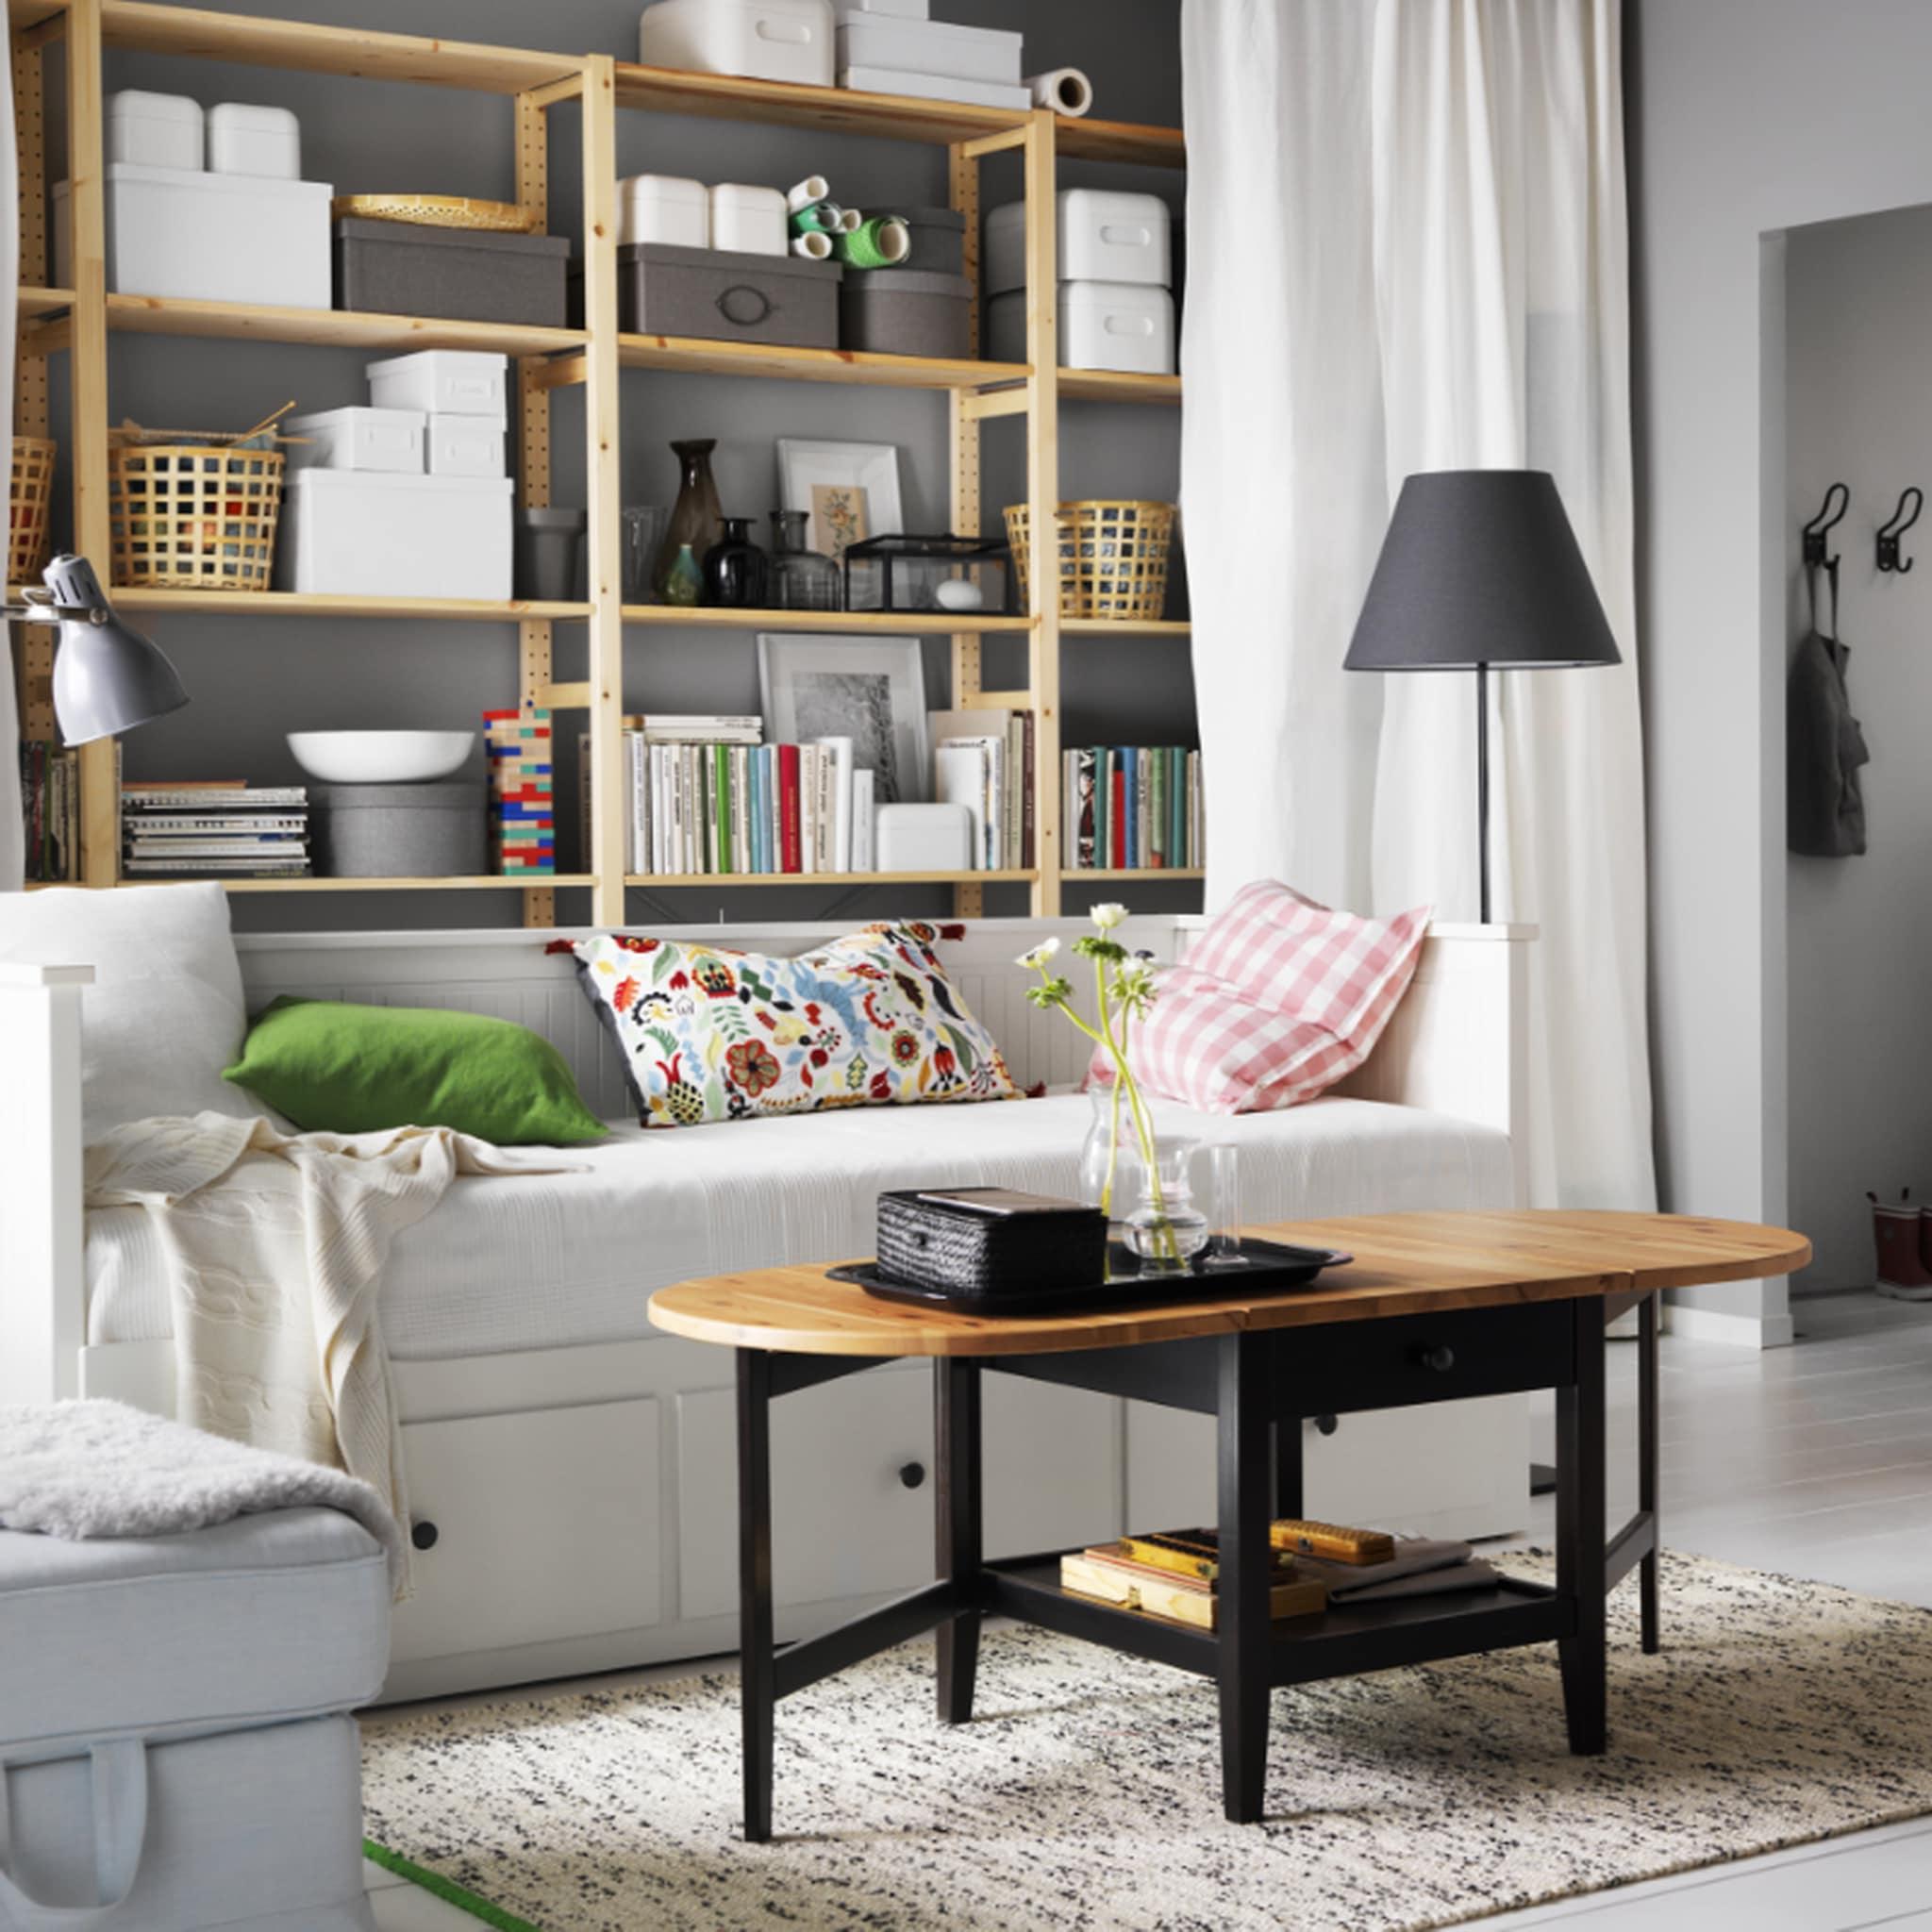 Mobiliario Tienda Ropa Segunda Mano 9ddf Muebles Decoracià N Y Accesorios Para El Hogar Ikea